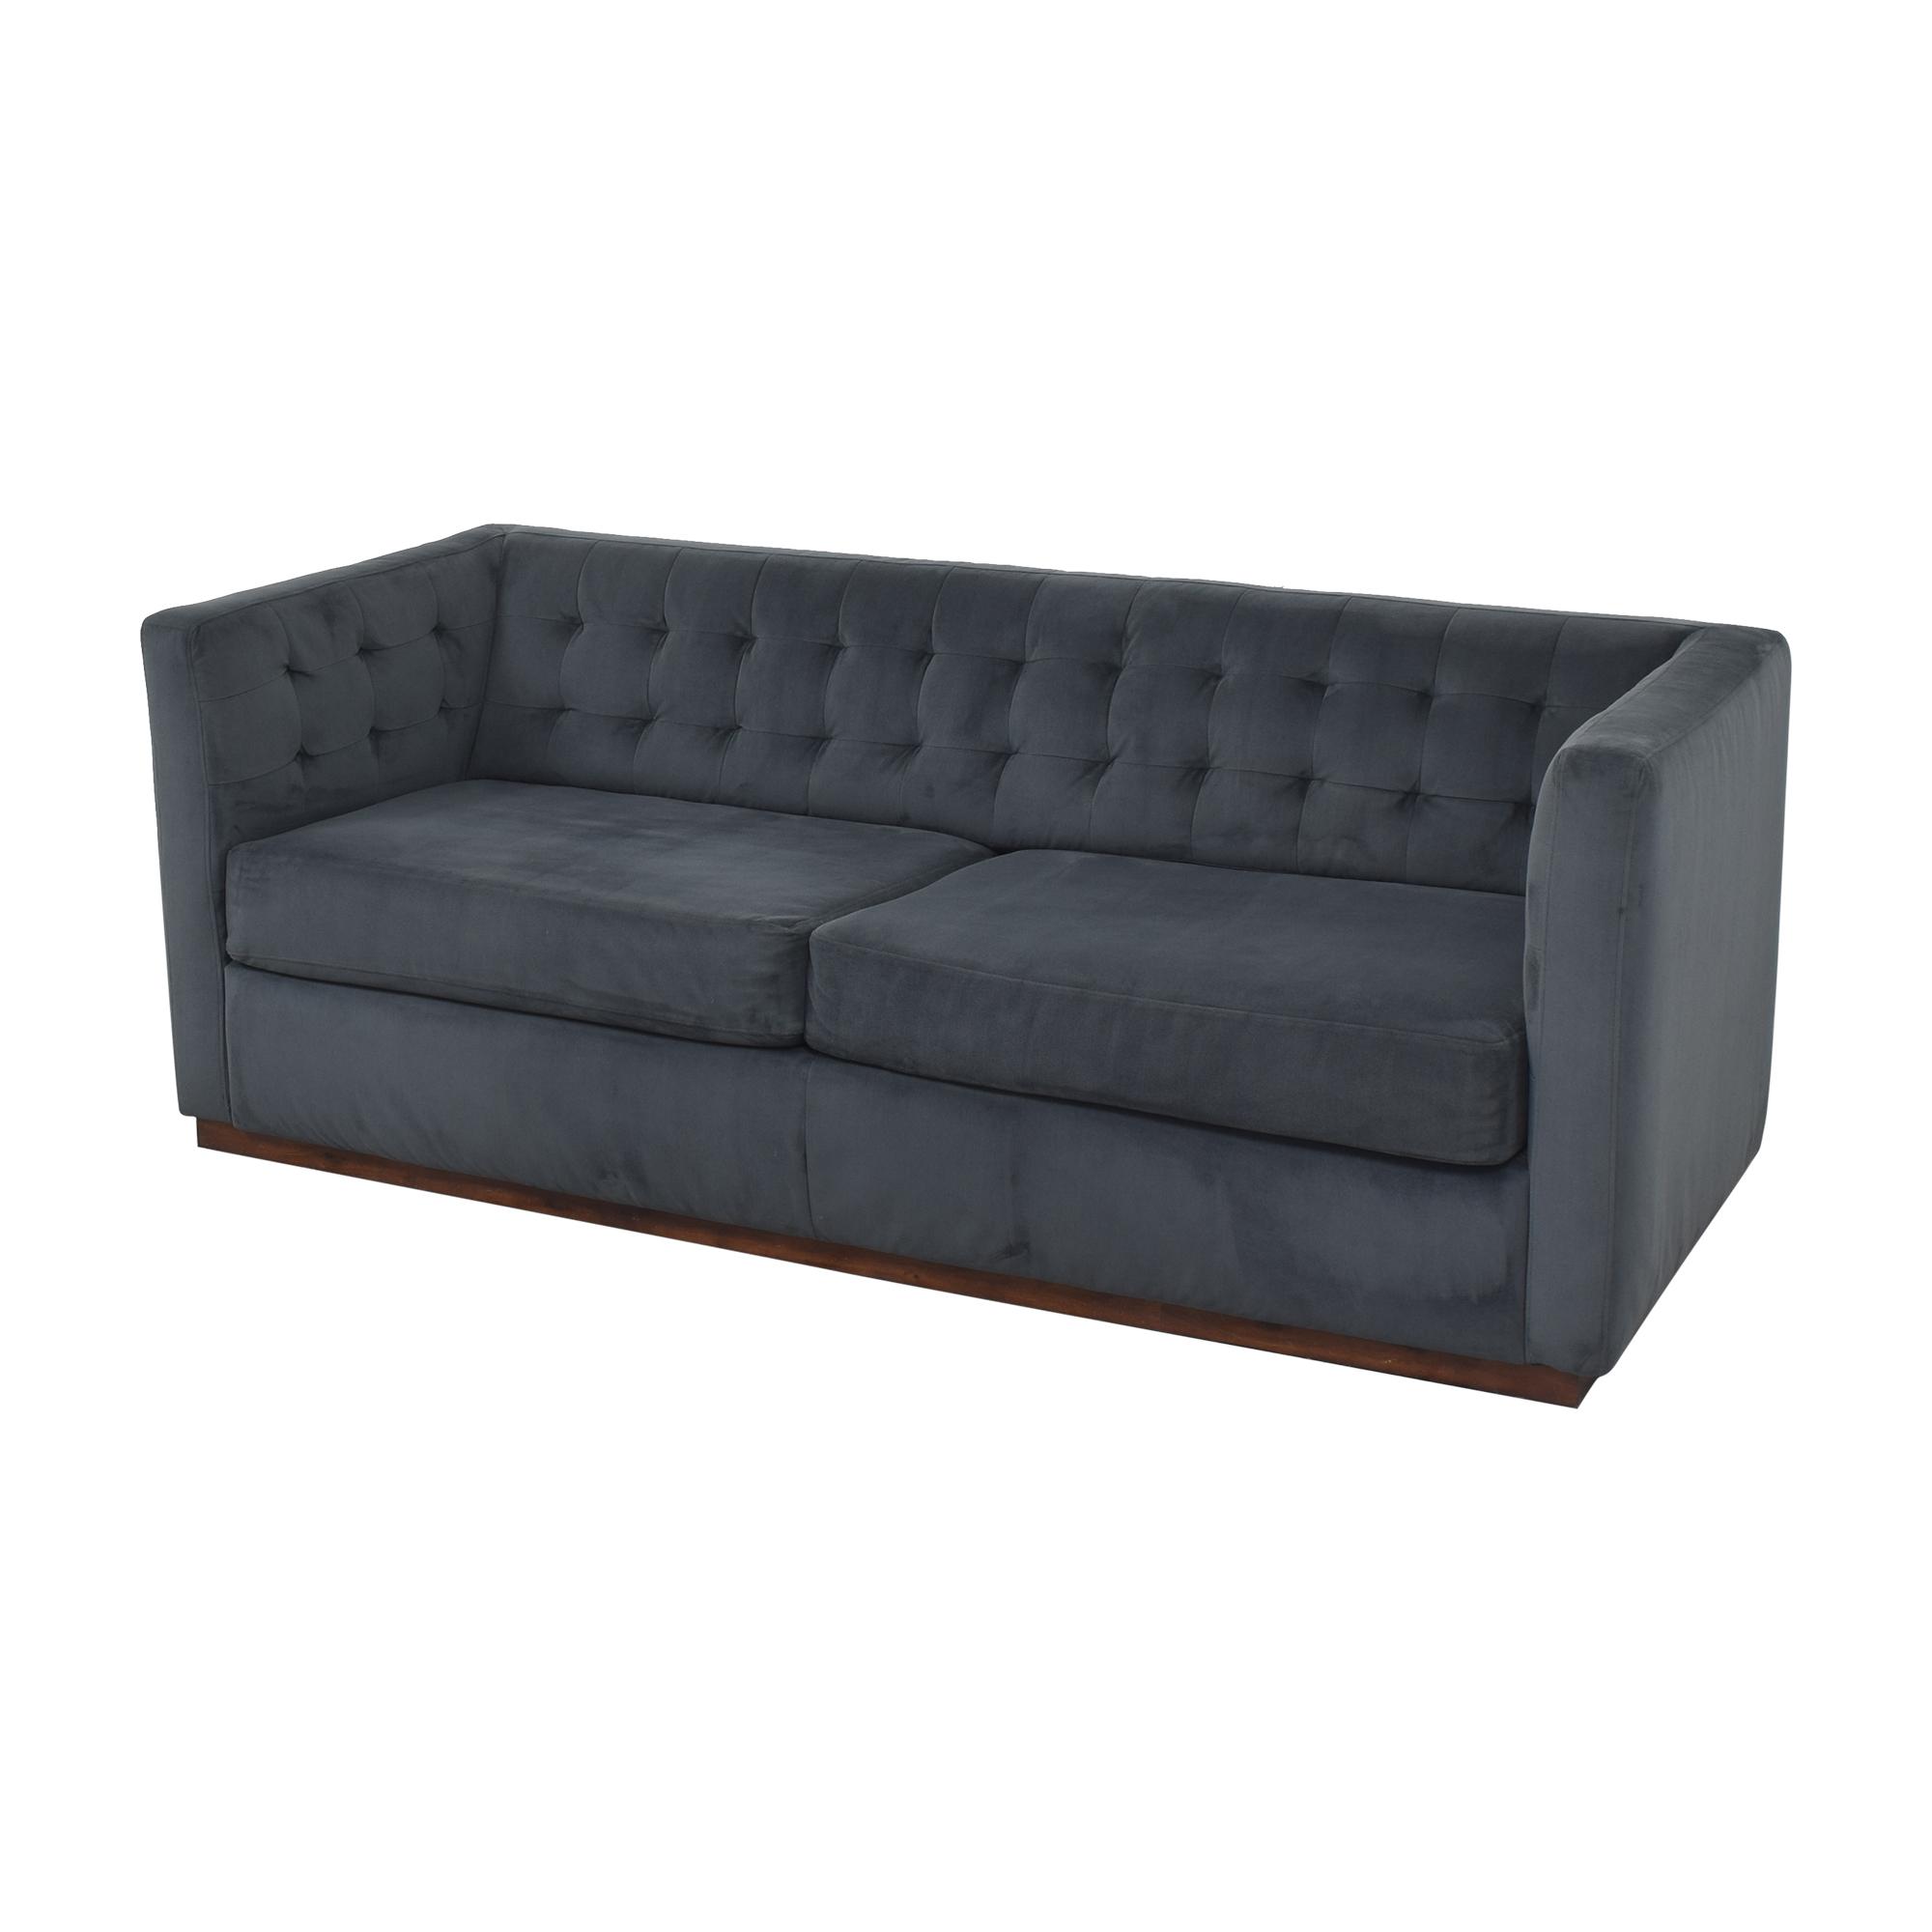 West Elm Rochester Sofa / Sofas